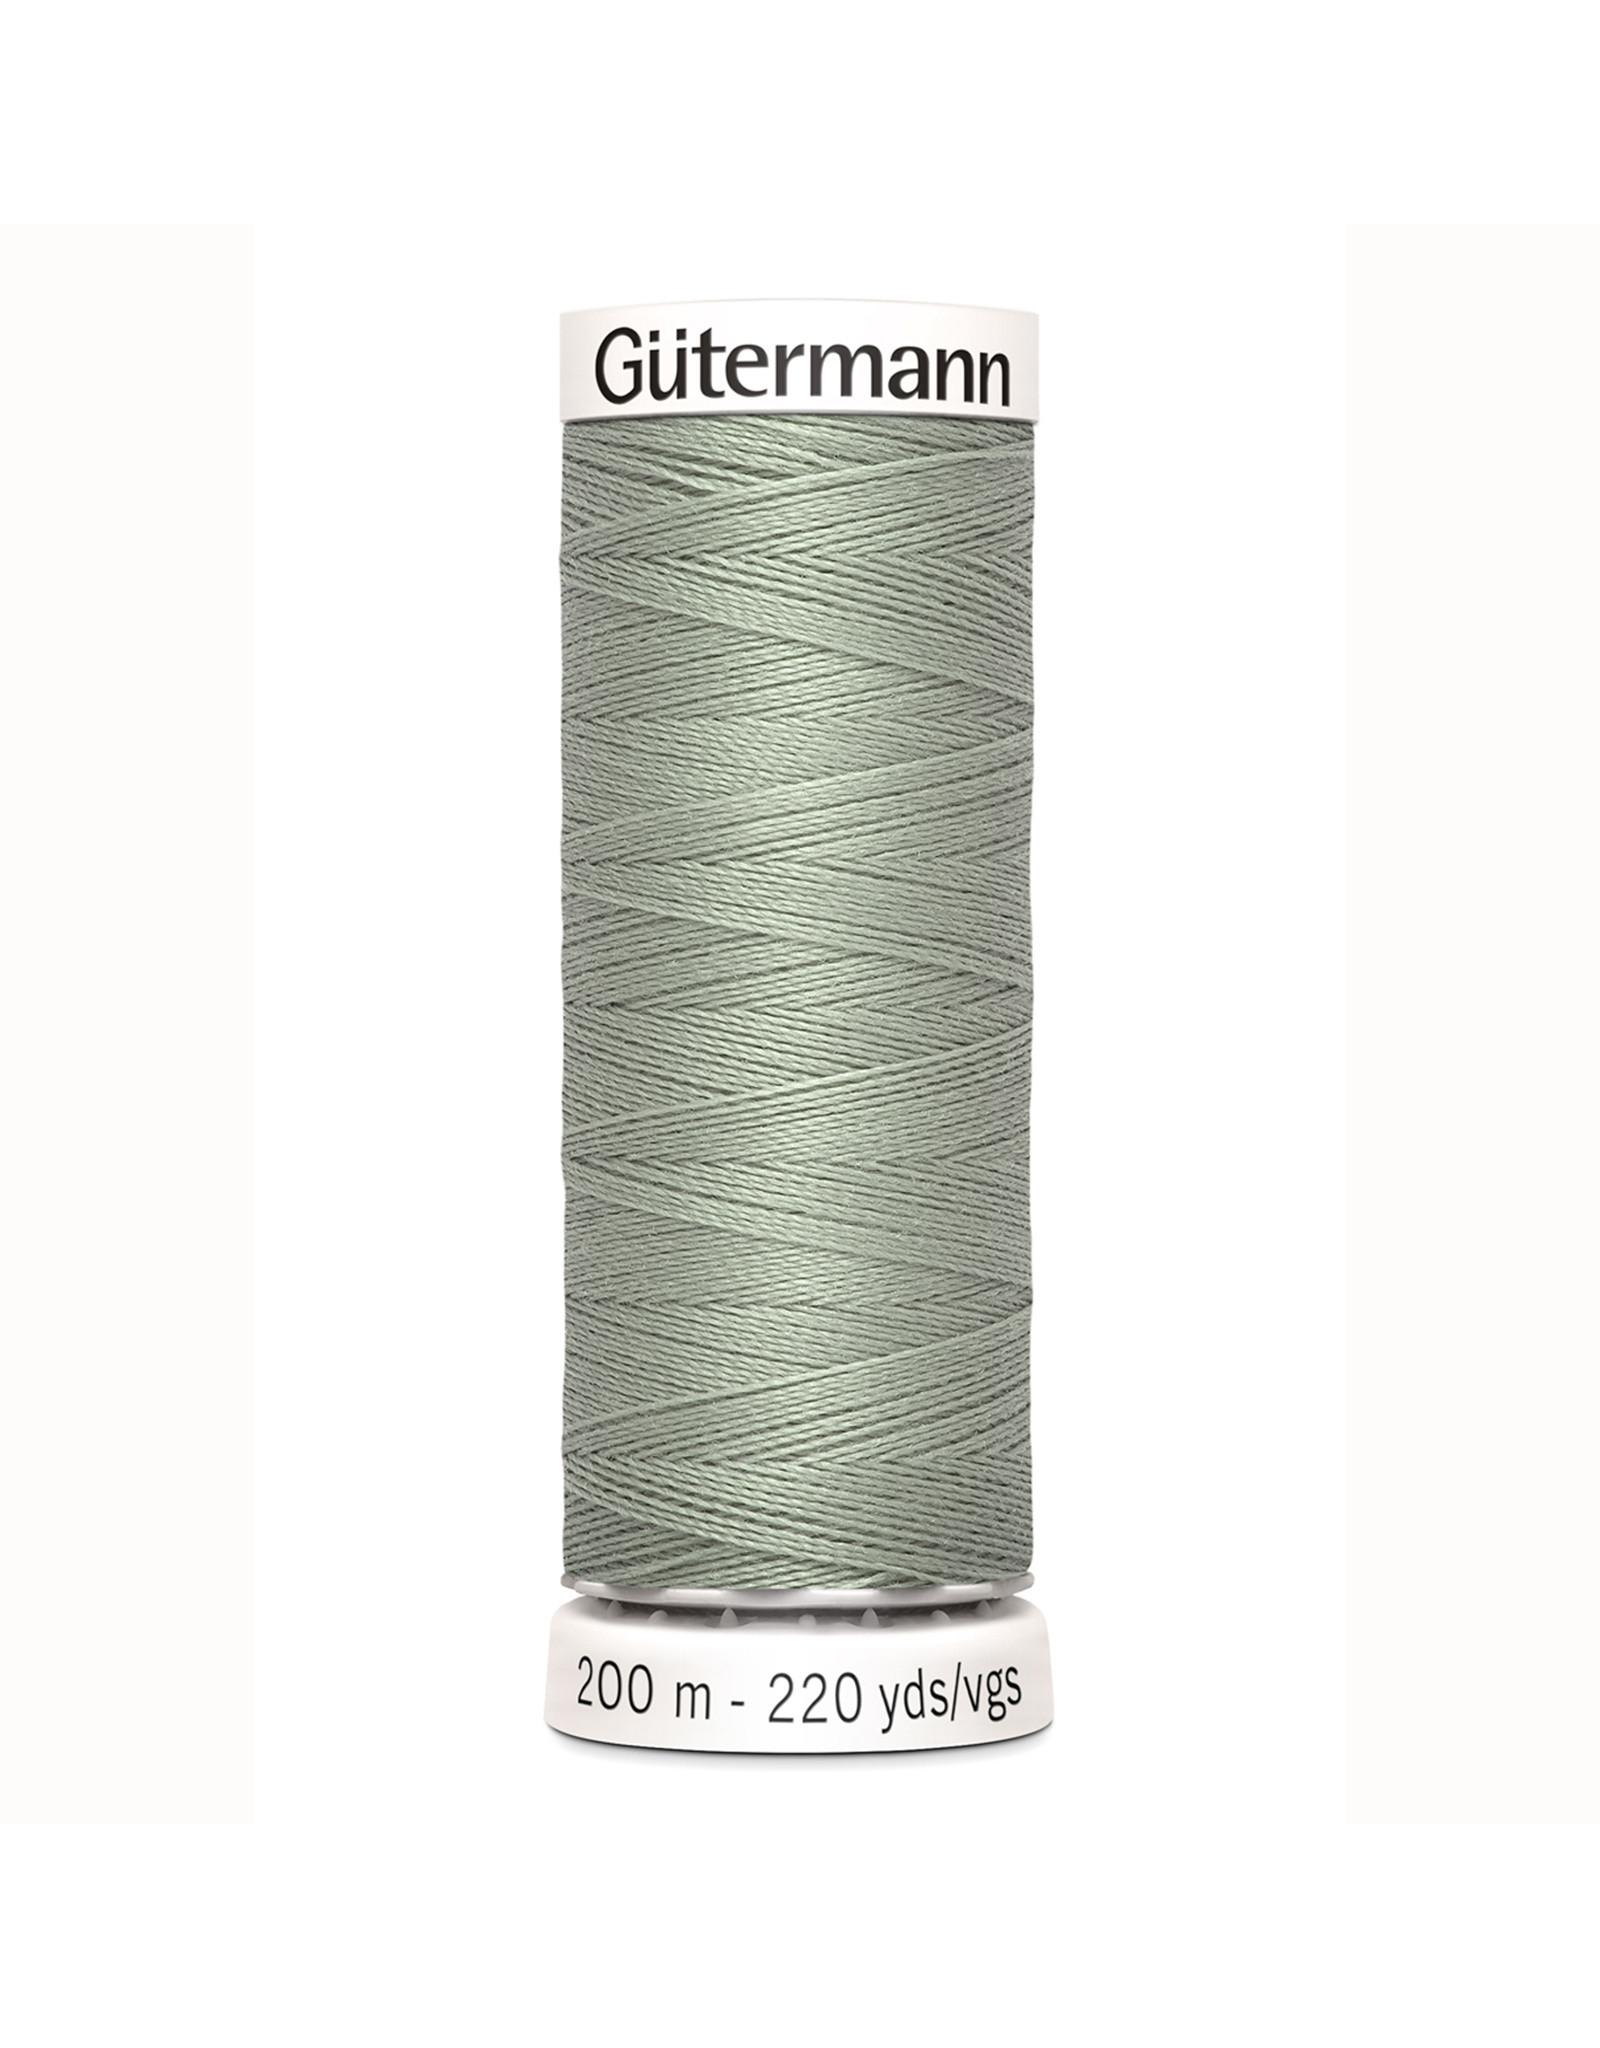 Gütermann Gütermann Sewing Thread 200 m - nr 261